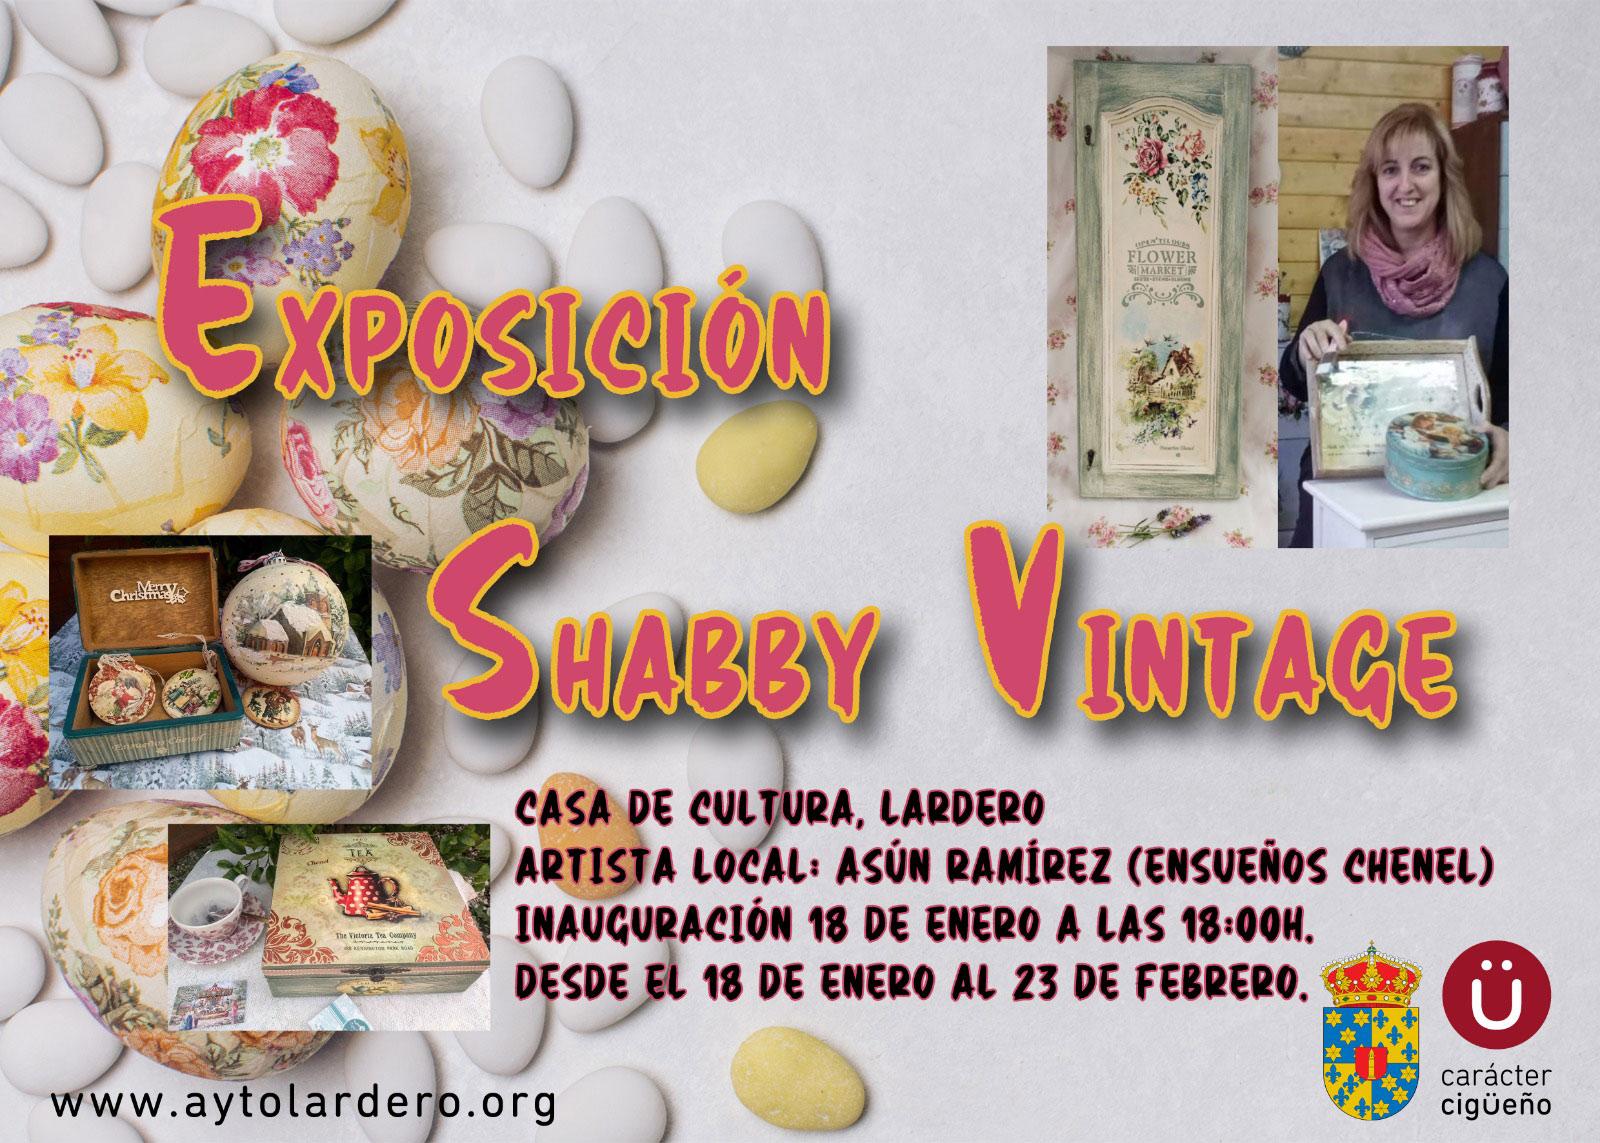 exposicion-shabby